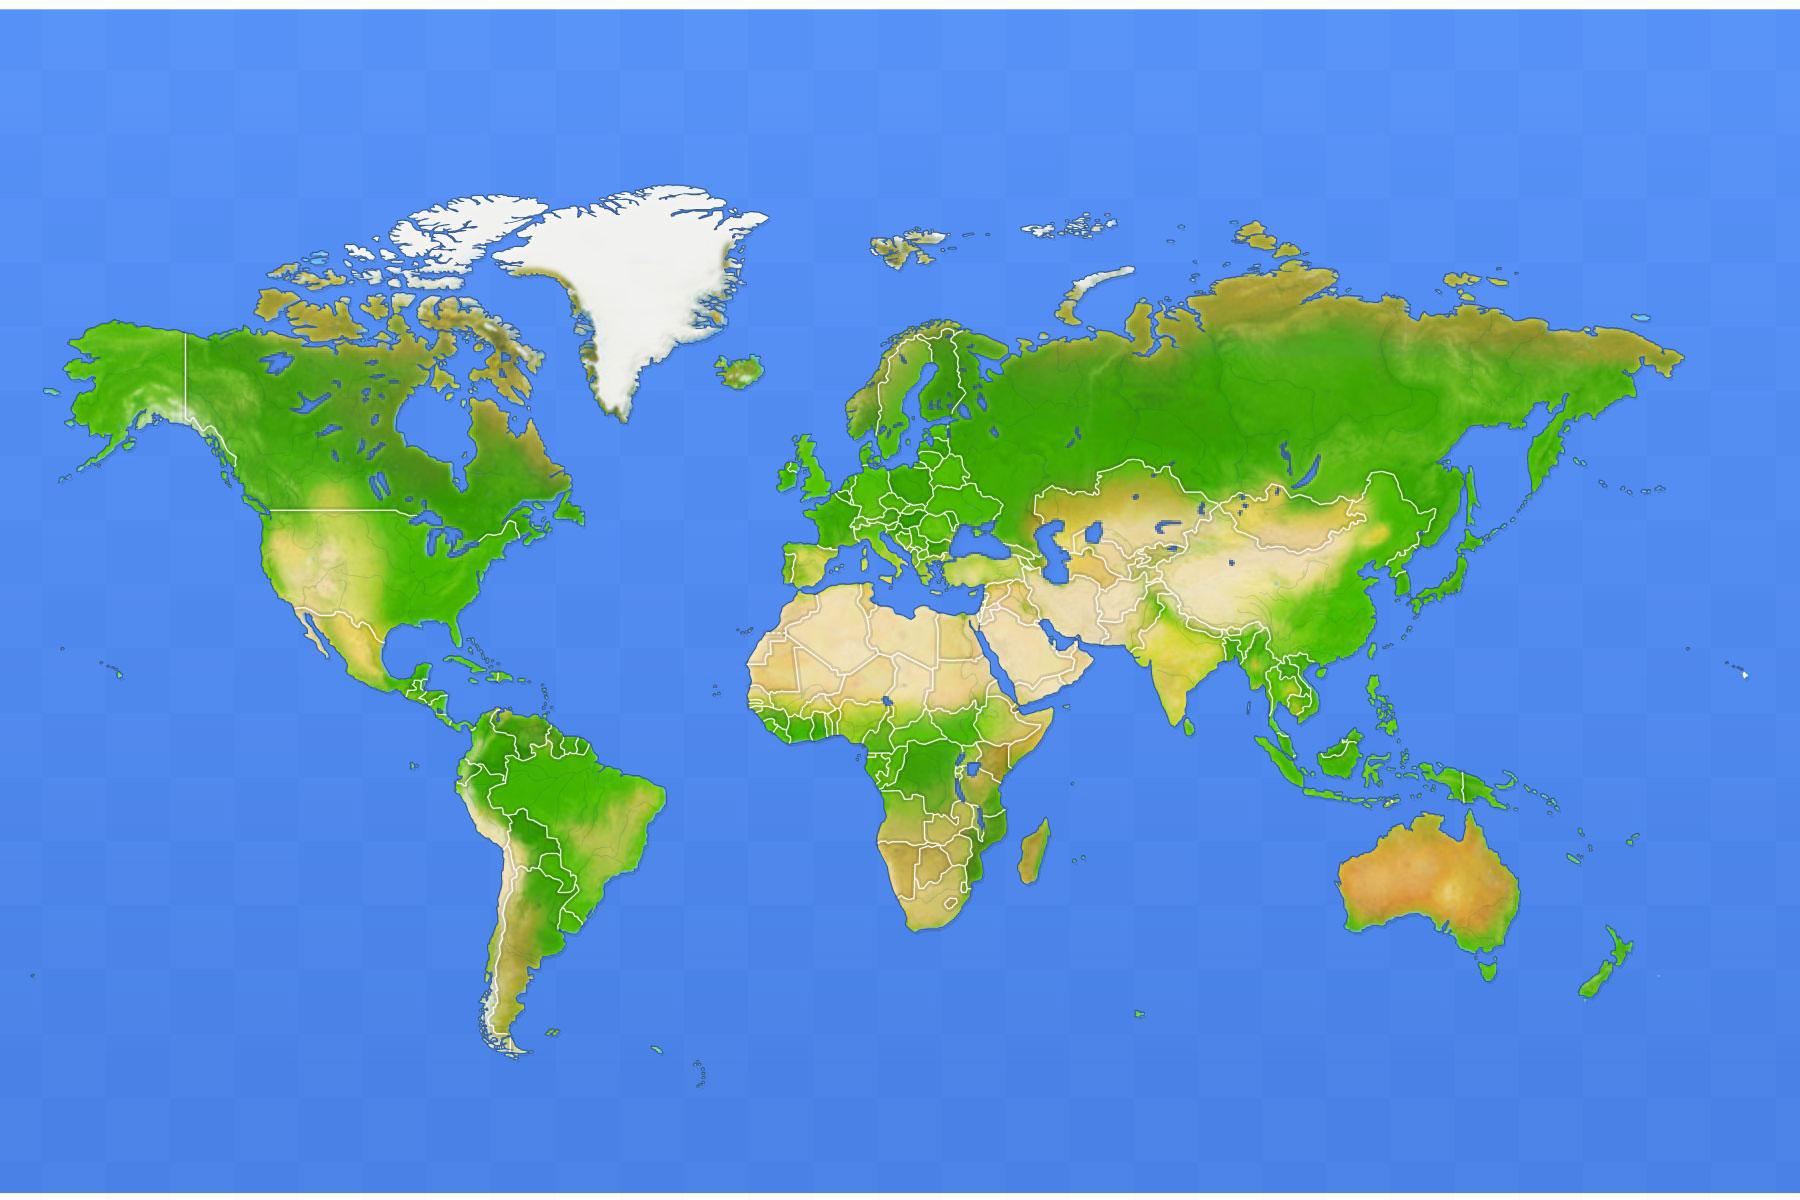 Jeux-Geographiques Jeux Gratuits Jeu Villes Du Monde avec Placer Des Villes Sur Une Carte